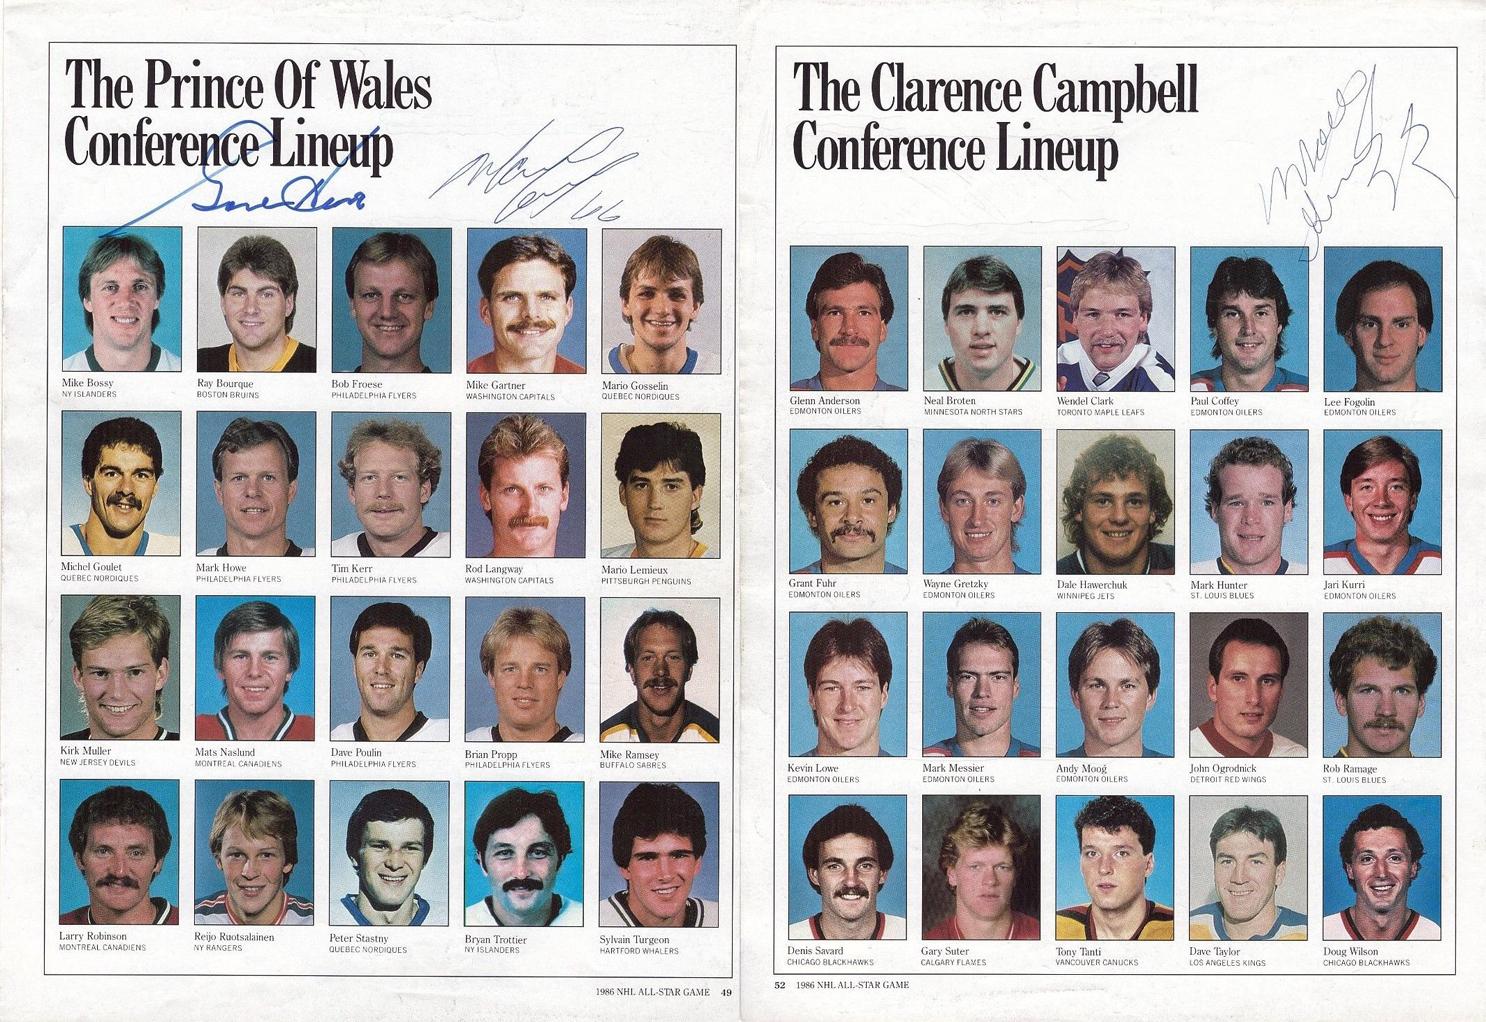 1986 NHL ALL-STAR GAME PROGRAM.jpg